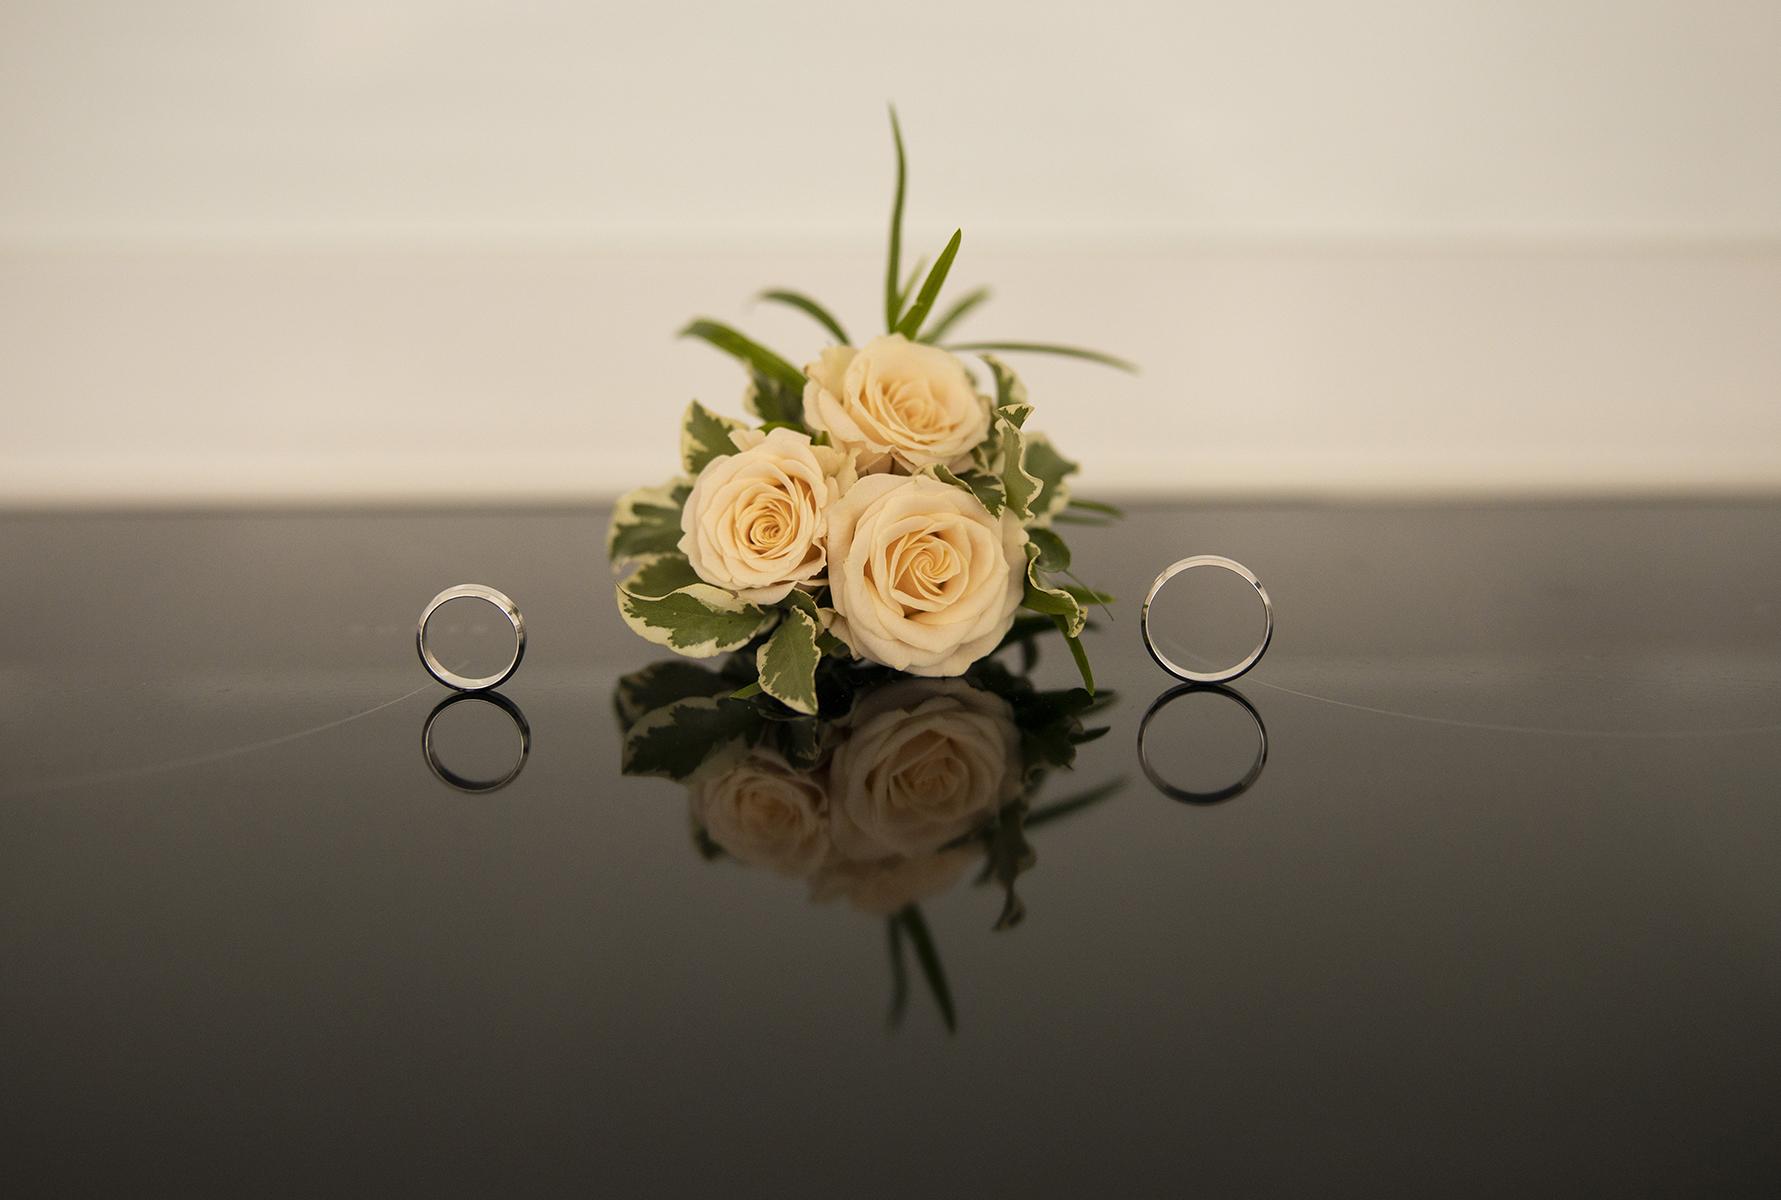 La Spezia Elopement Detail Photo   Le bouquet de roses de la mariée est assis sur une table en forme de miroir à côté des deux alliances